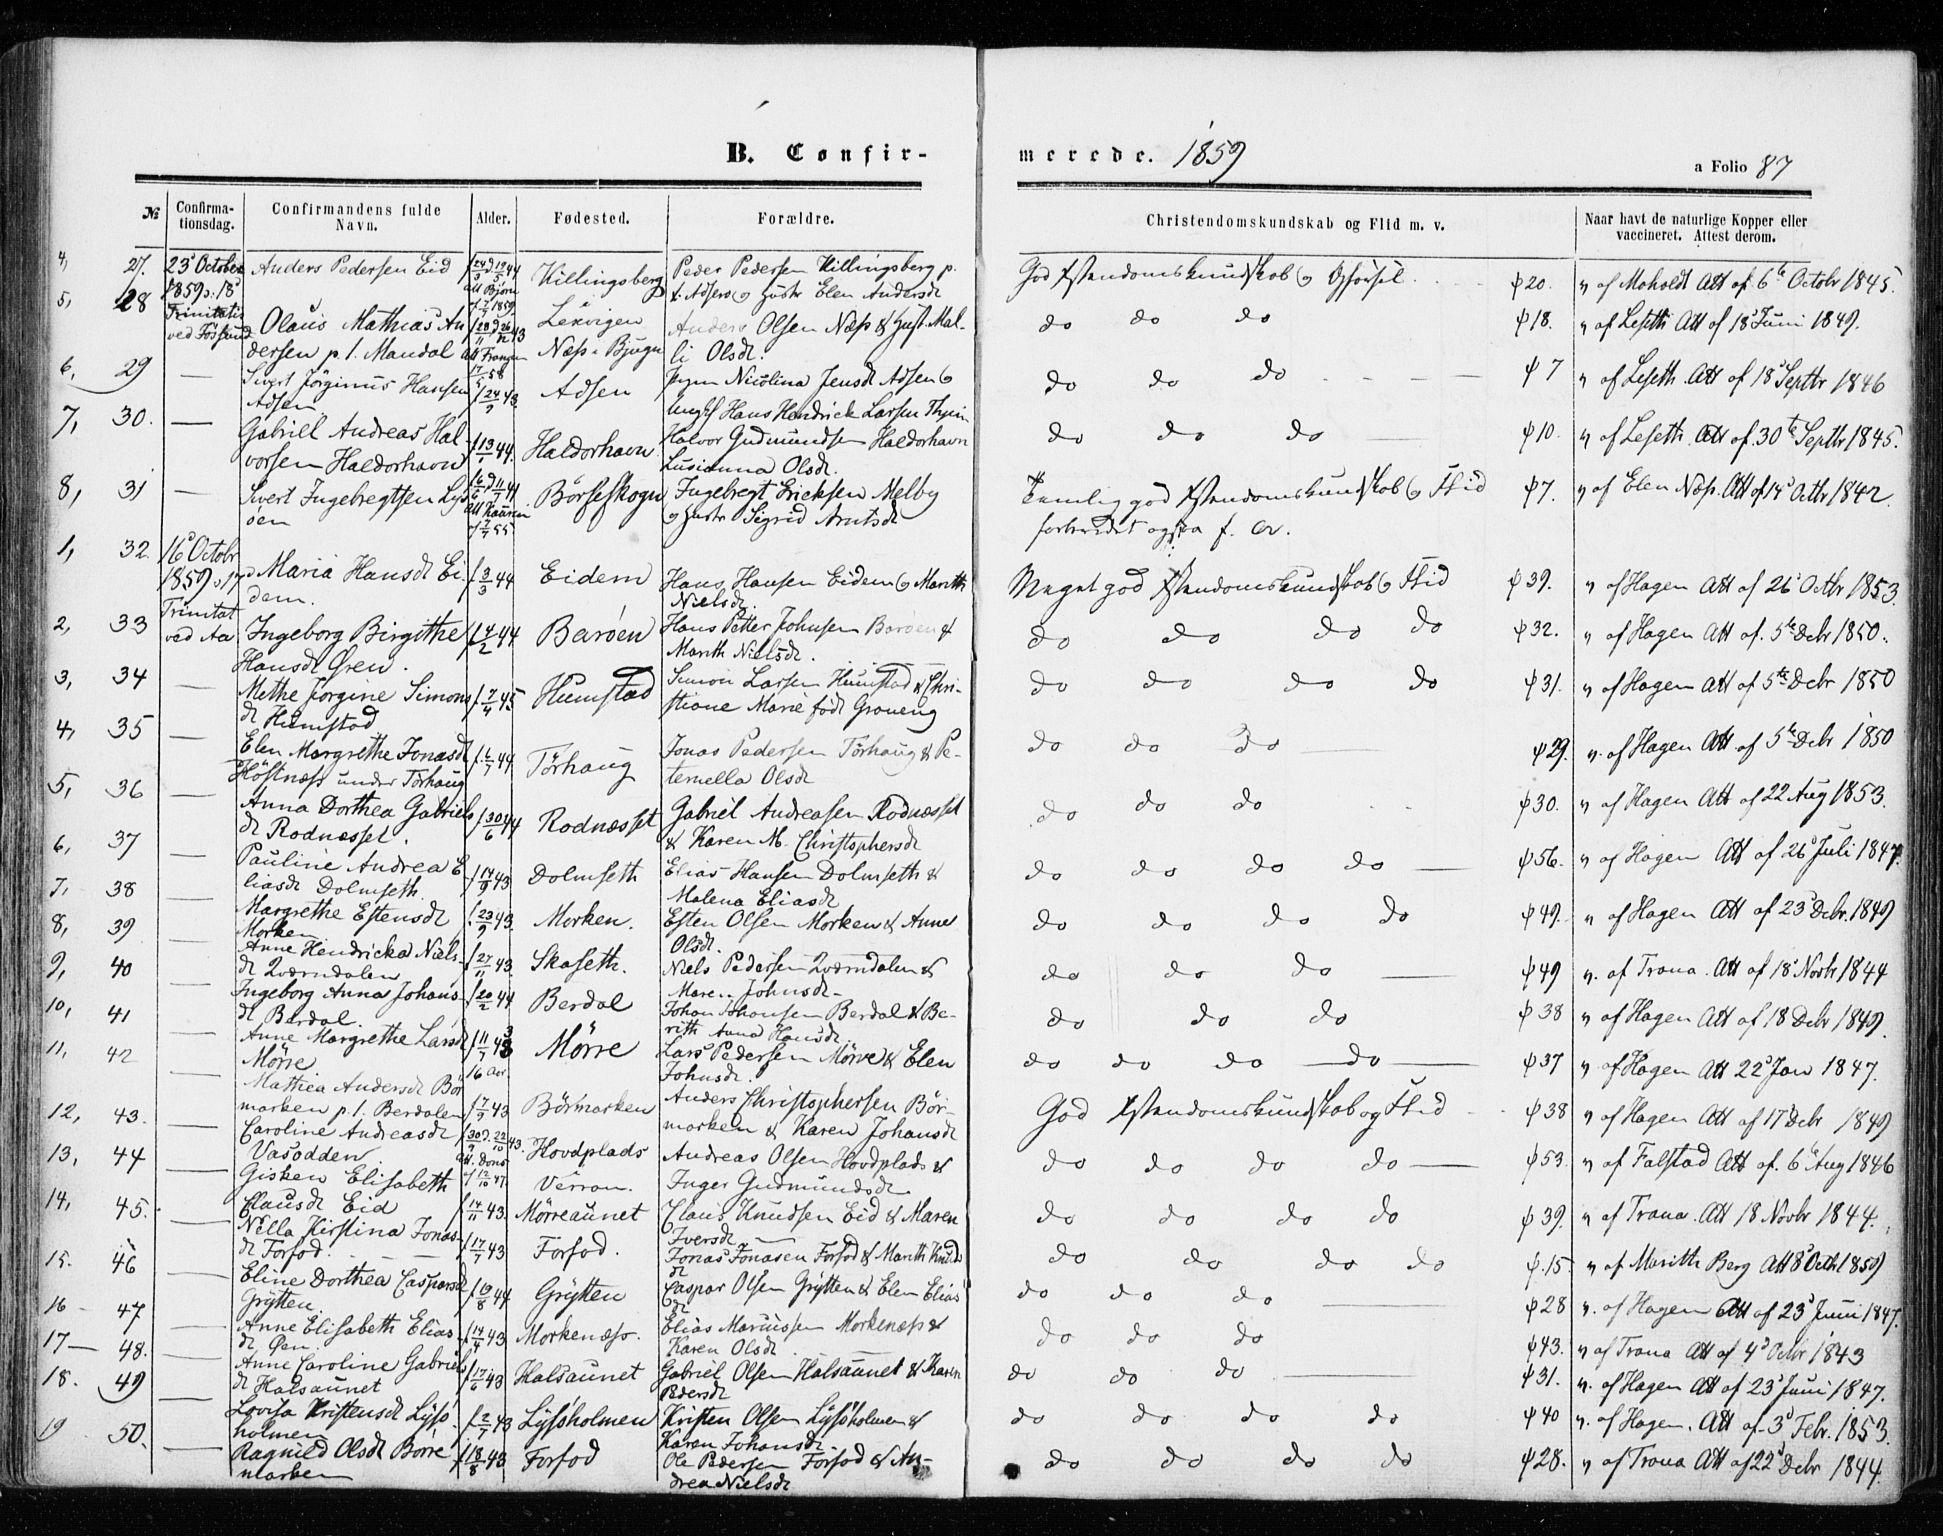 SAT, Ministerialprotokoller, klokkerbøker og fødselsregistre - Sør-Trøndelag, 655/L0678: Ministerialbok nr. 655A07, 1861-1873, s. 87